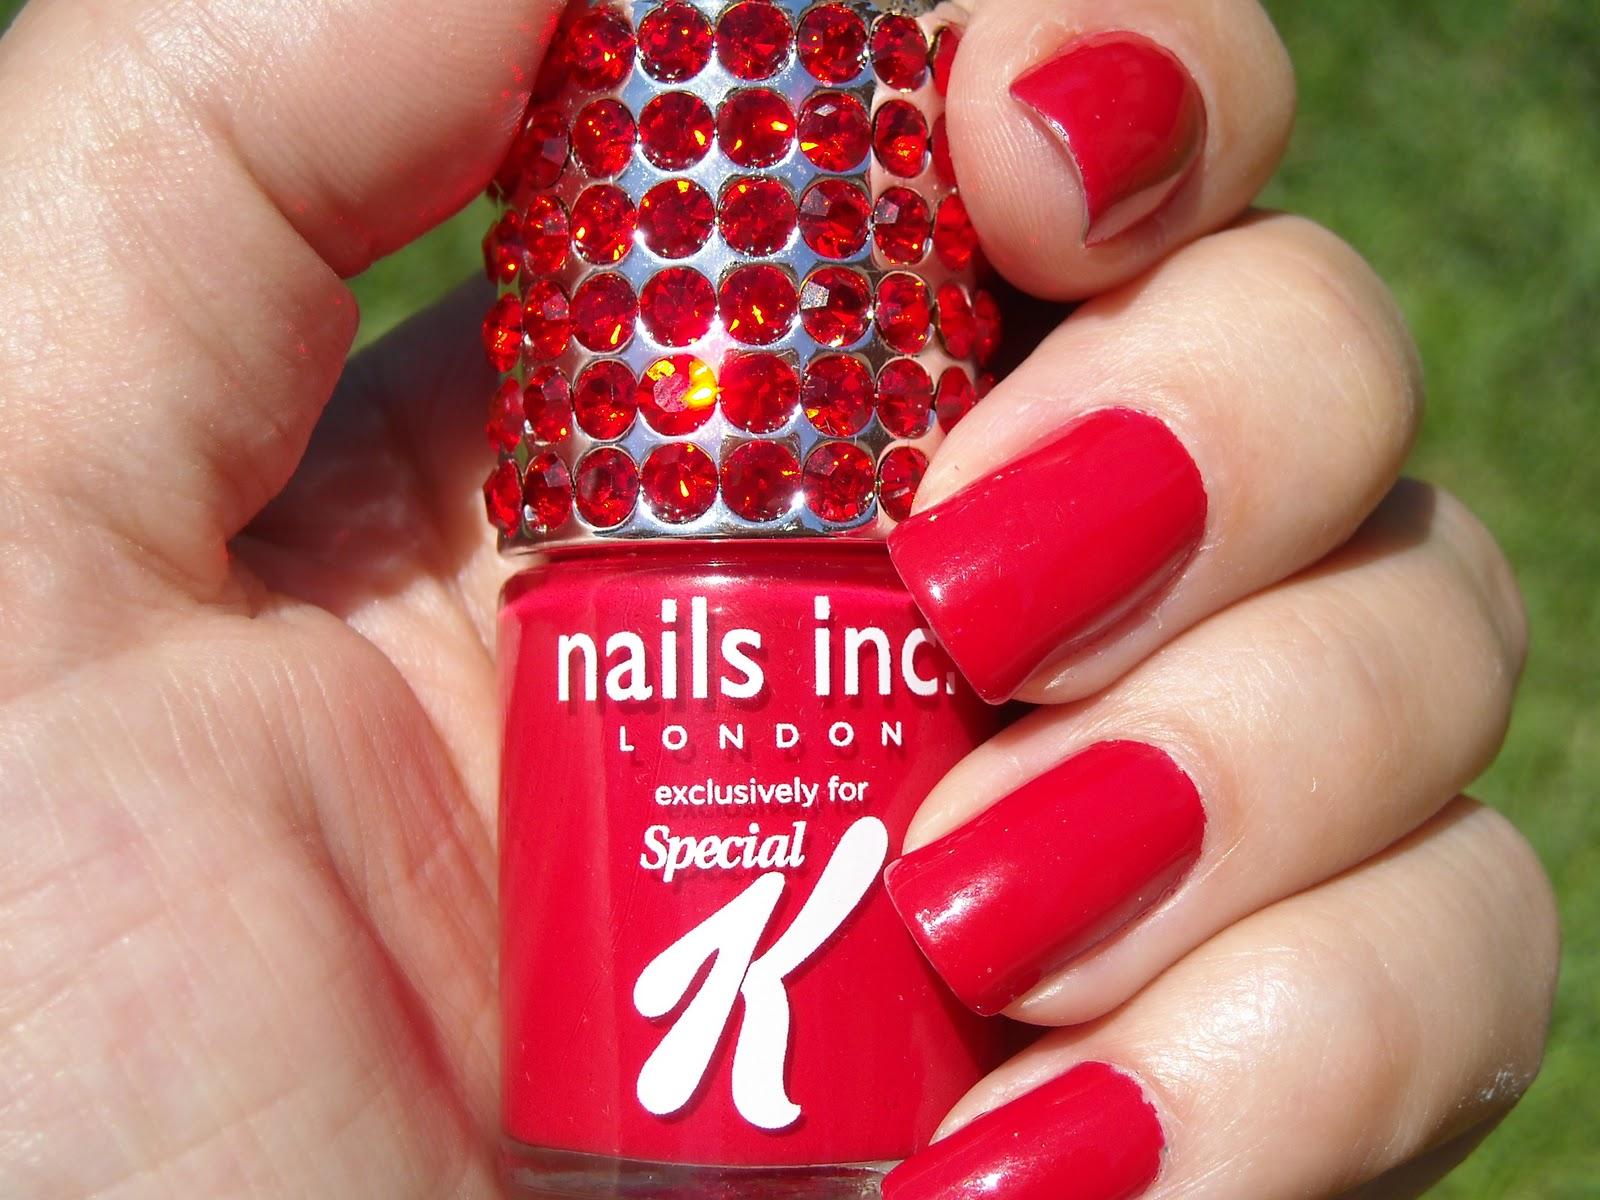 Kb nails coupon - Cn deals